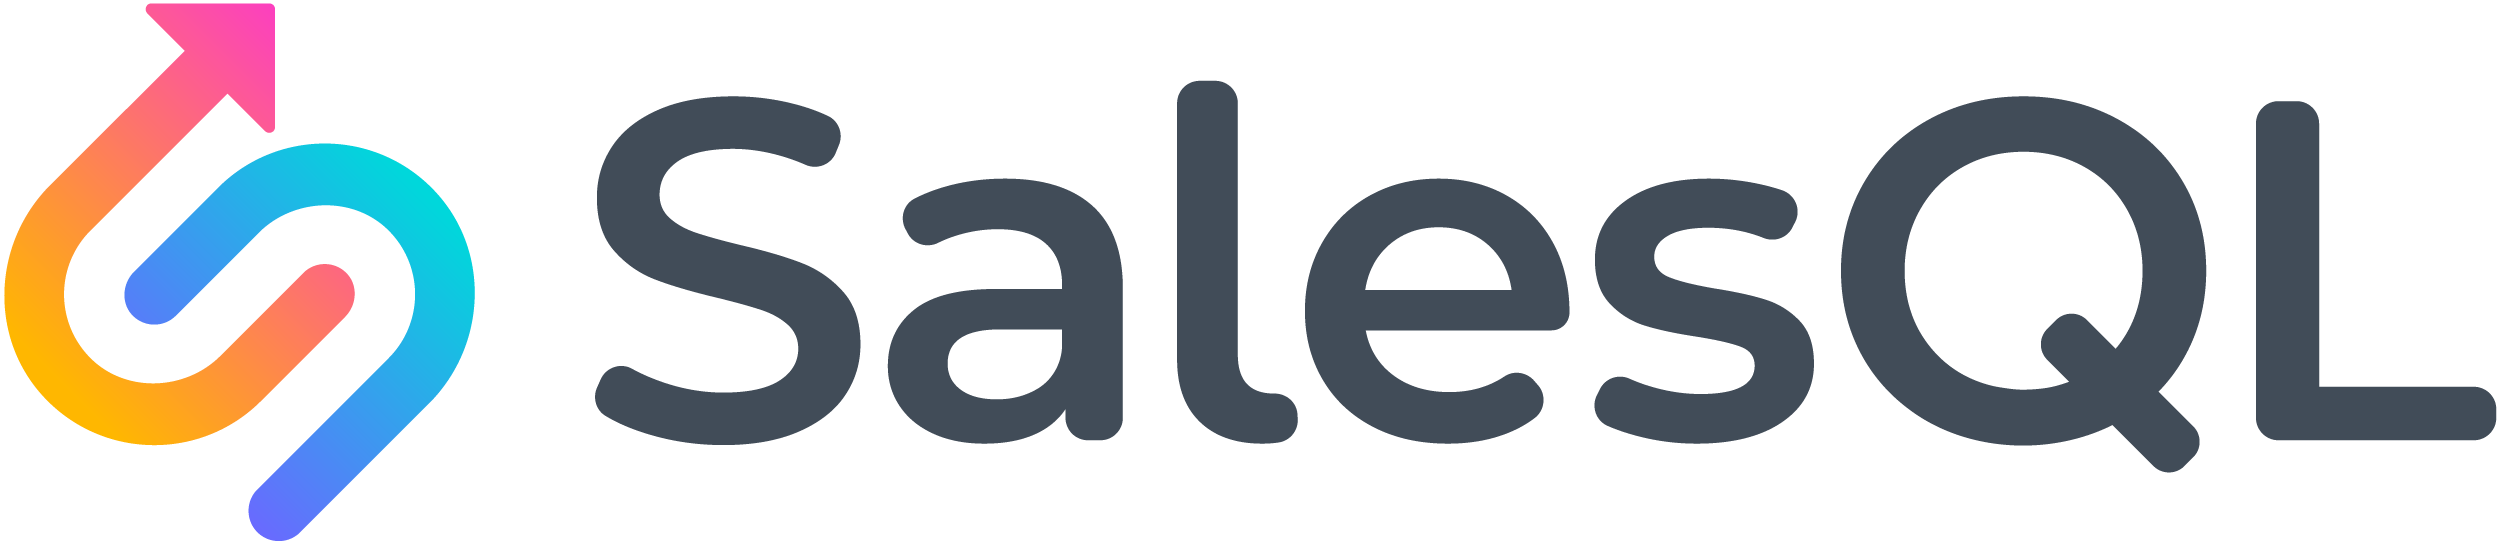 SalesQL logo color white bg